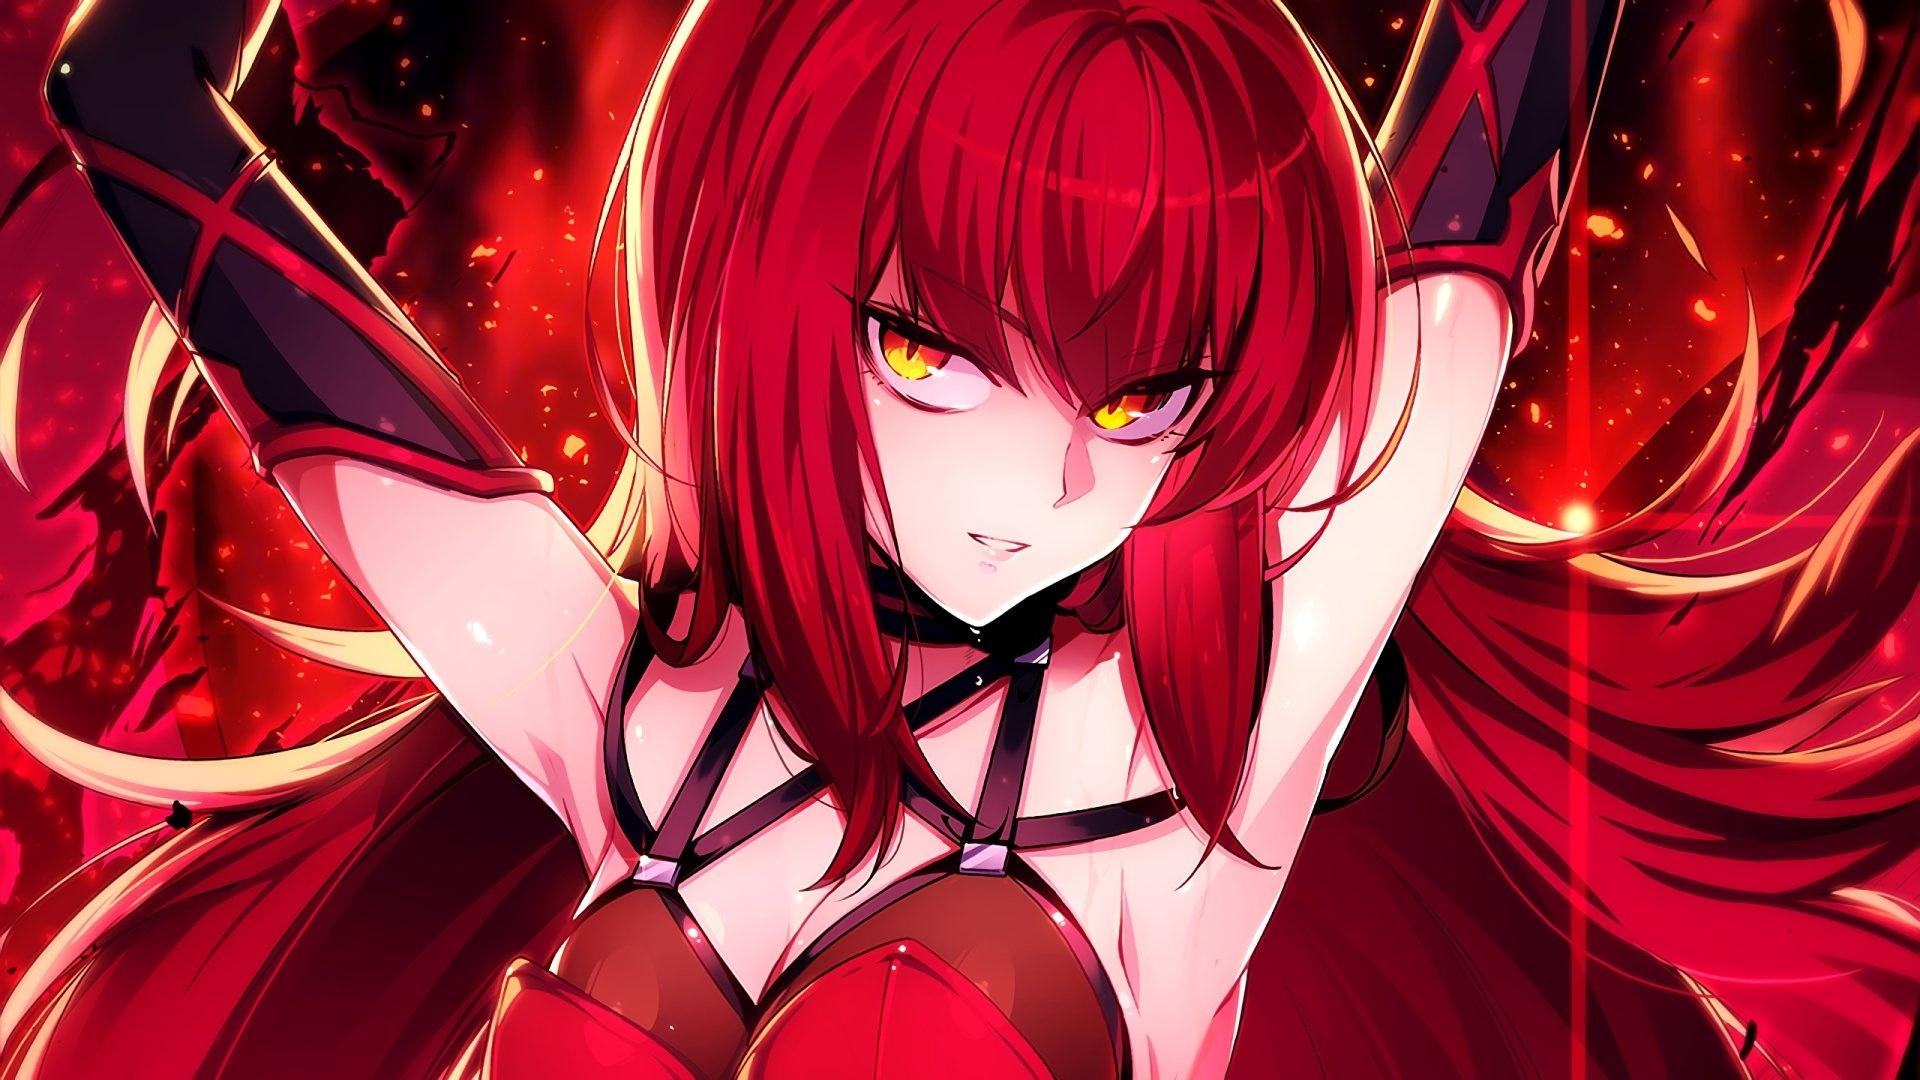 Red Anime Girl hd desktop wallpaper